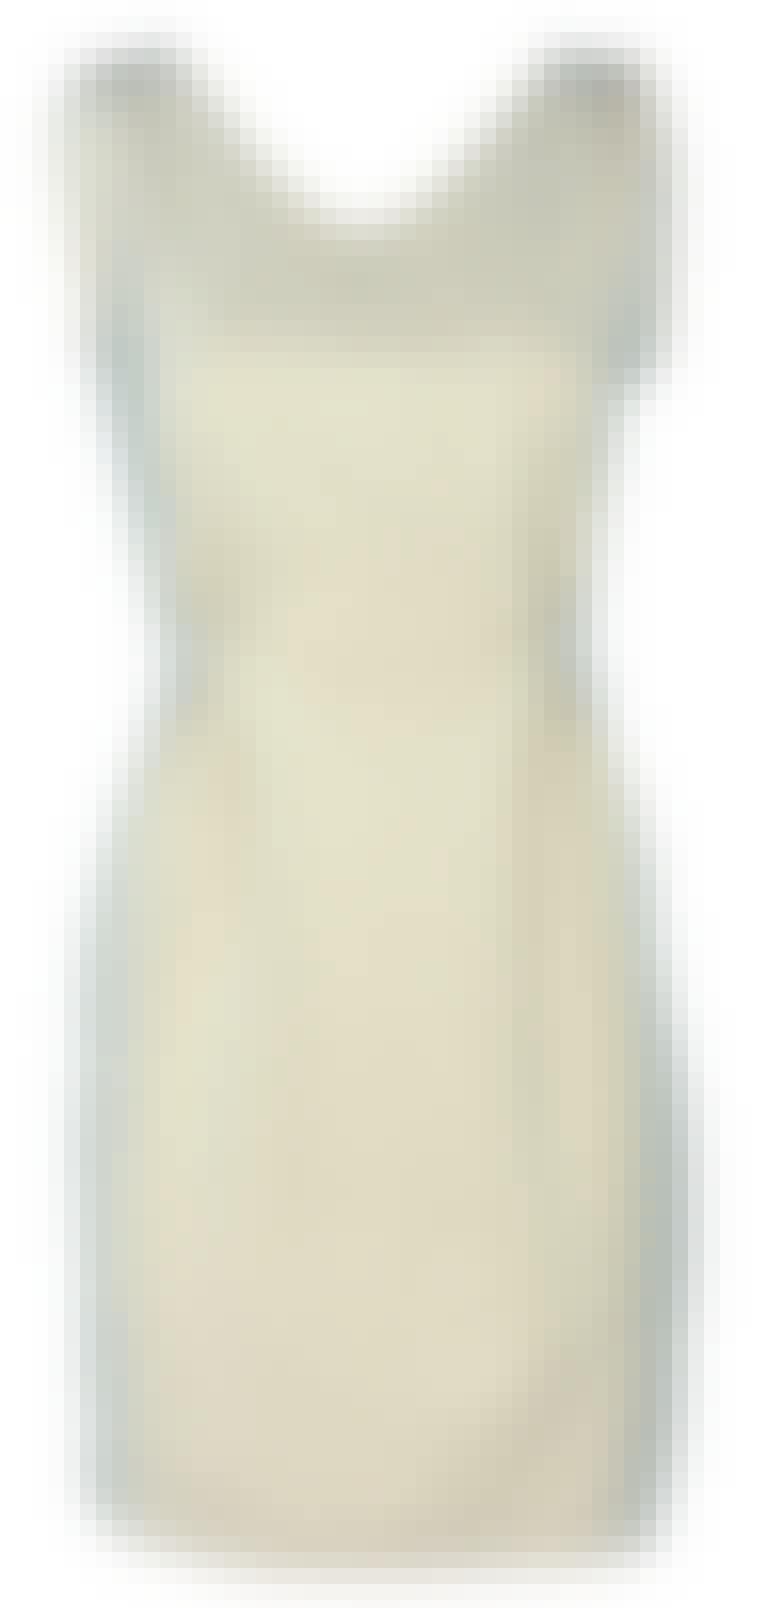 Kjole fra H&M, 398 kroner.